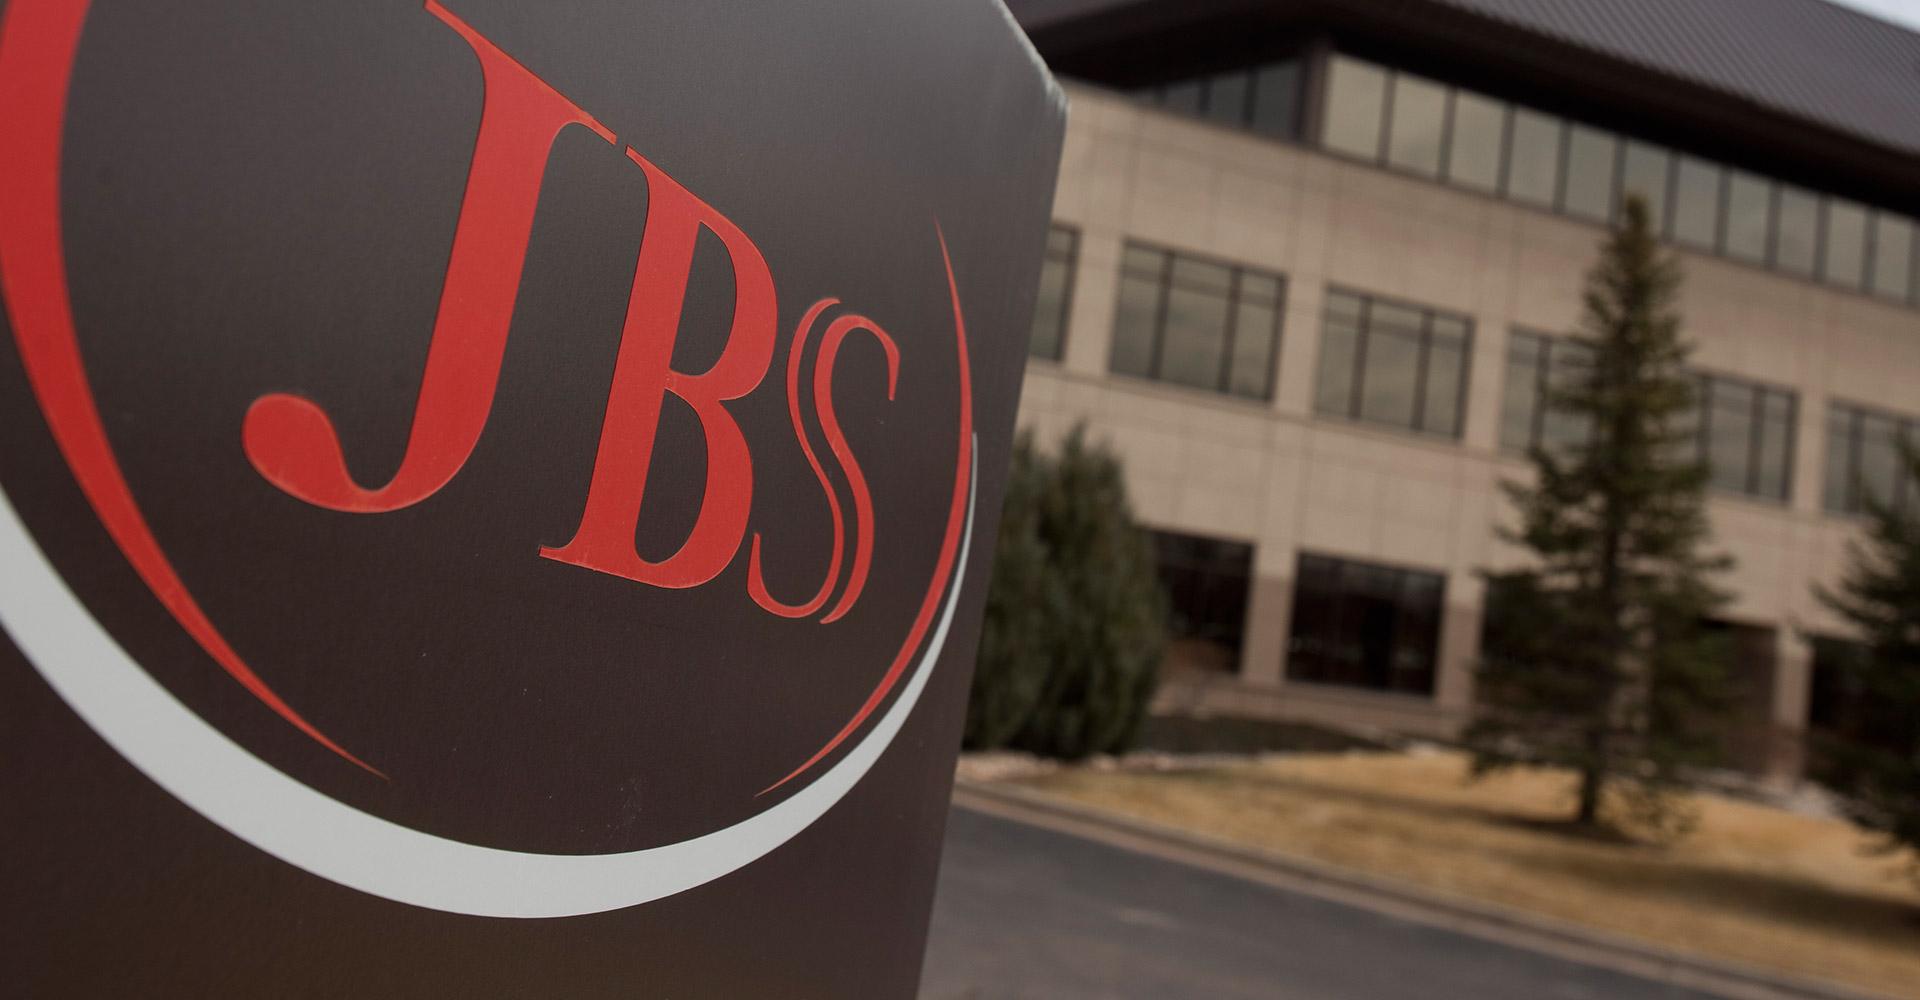 JBS amortiza R$ 750,7 milhões em dívidas com instituições financeiras